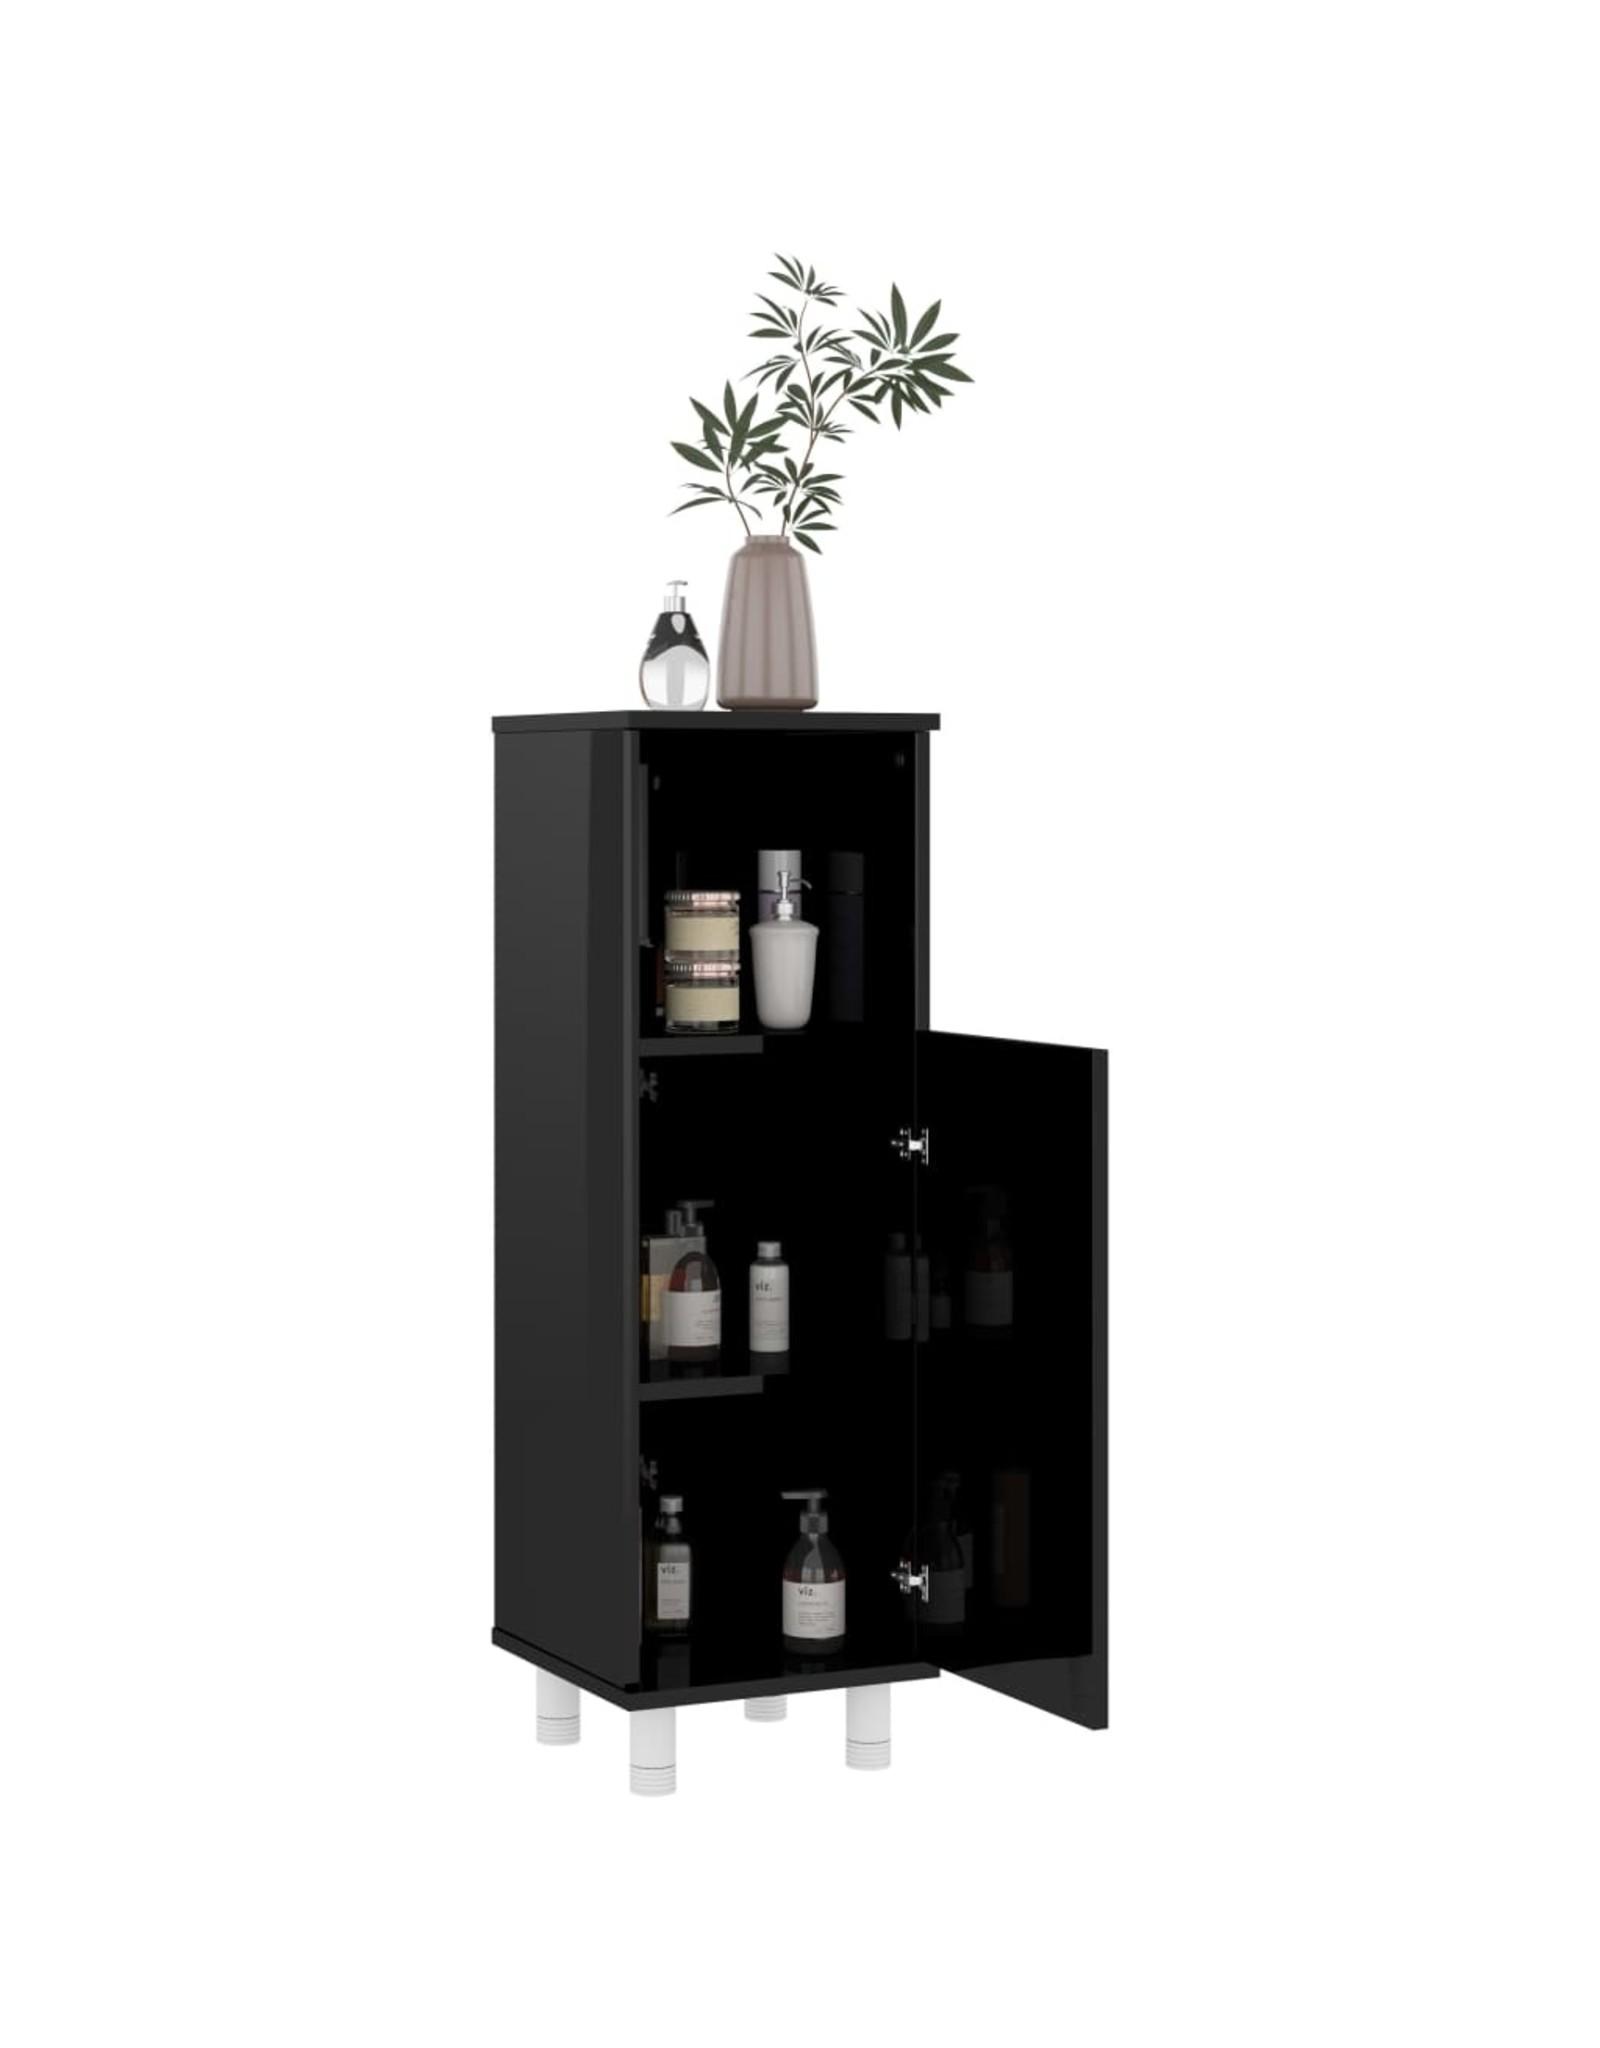 Badkamerkast 30x30x95 cm spaanplaat hoogglans zwart